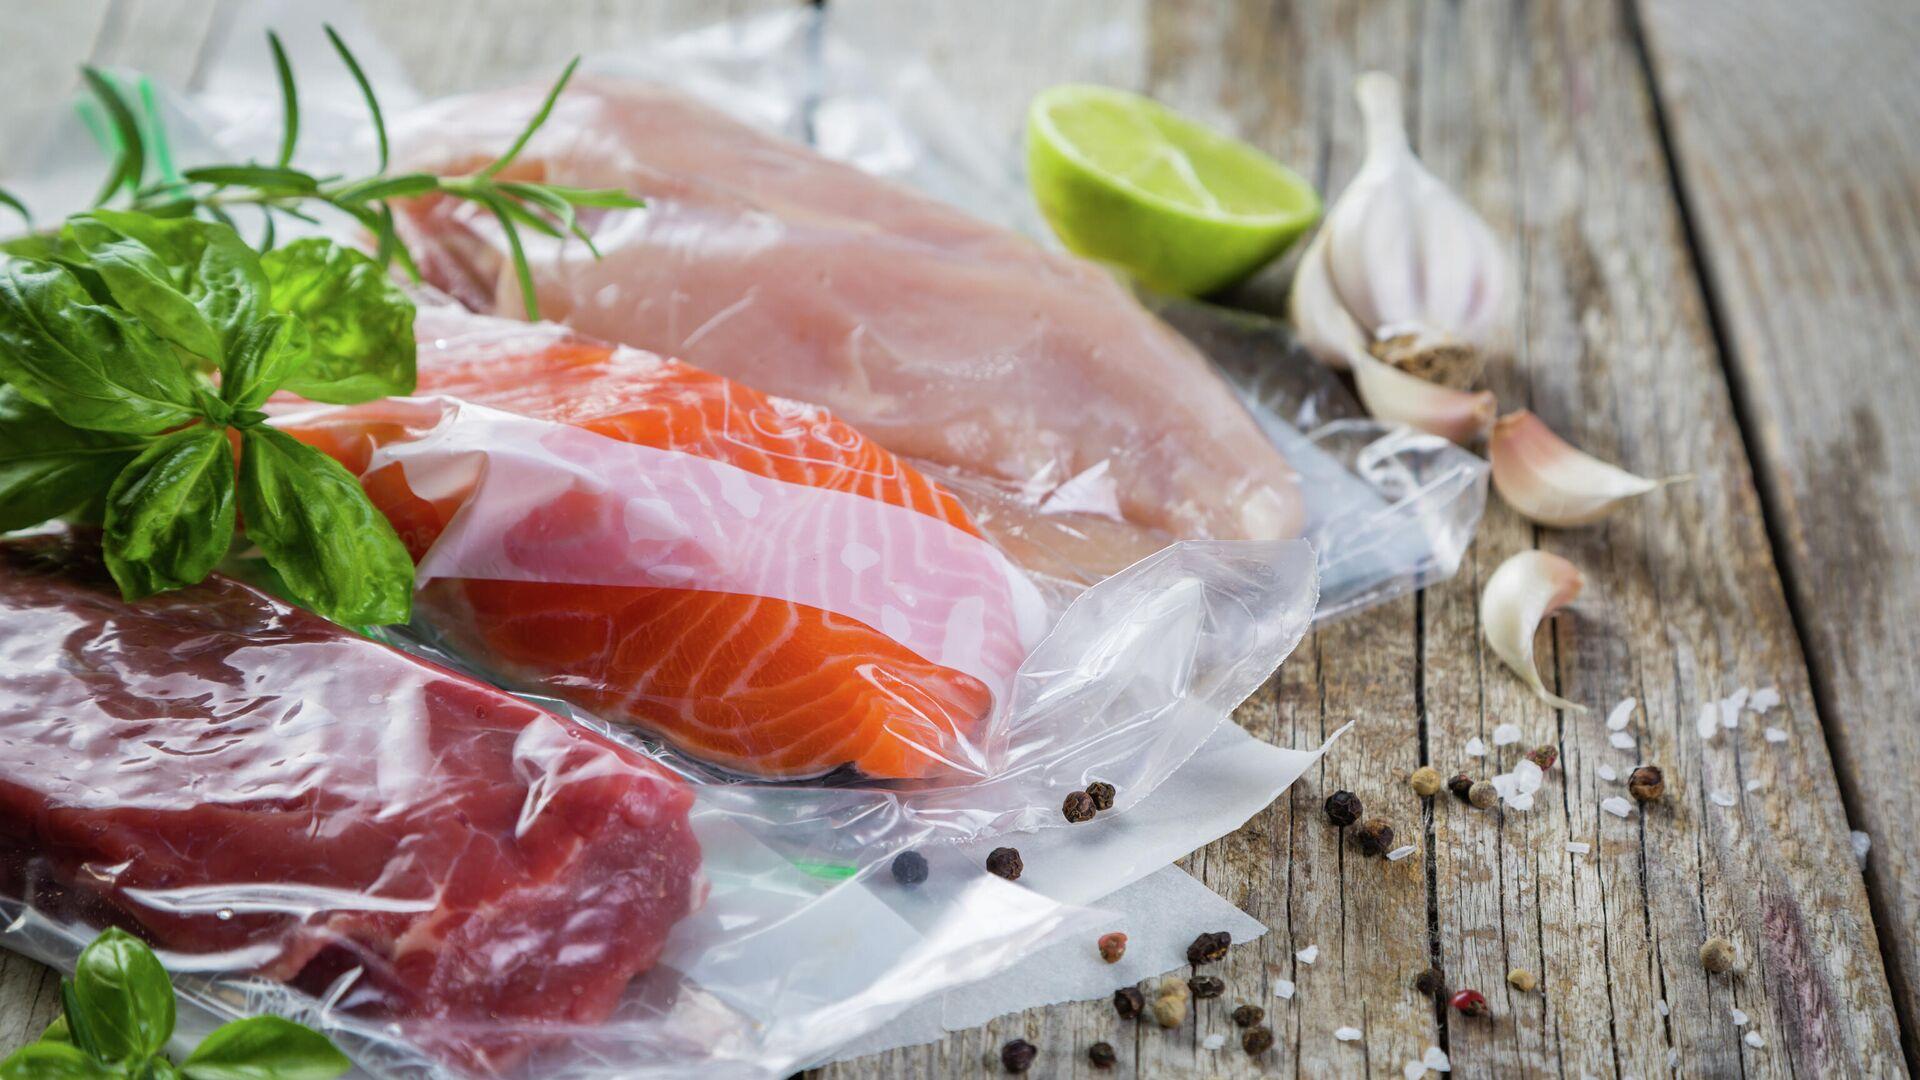 Ученые выяснили, насколько безопасна вакуумная упаковка для мяса